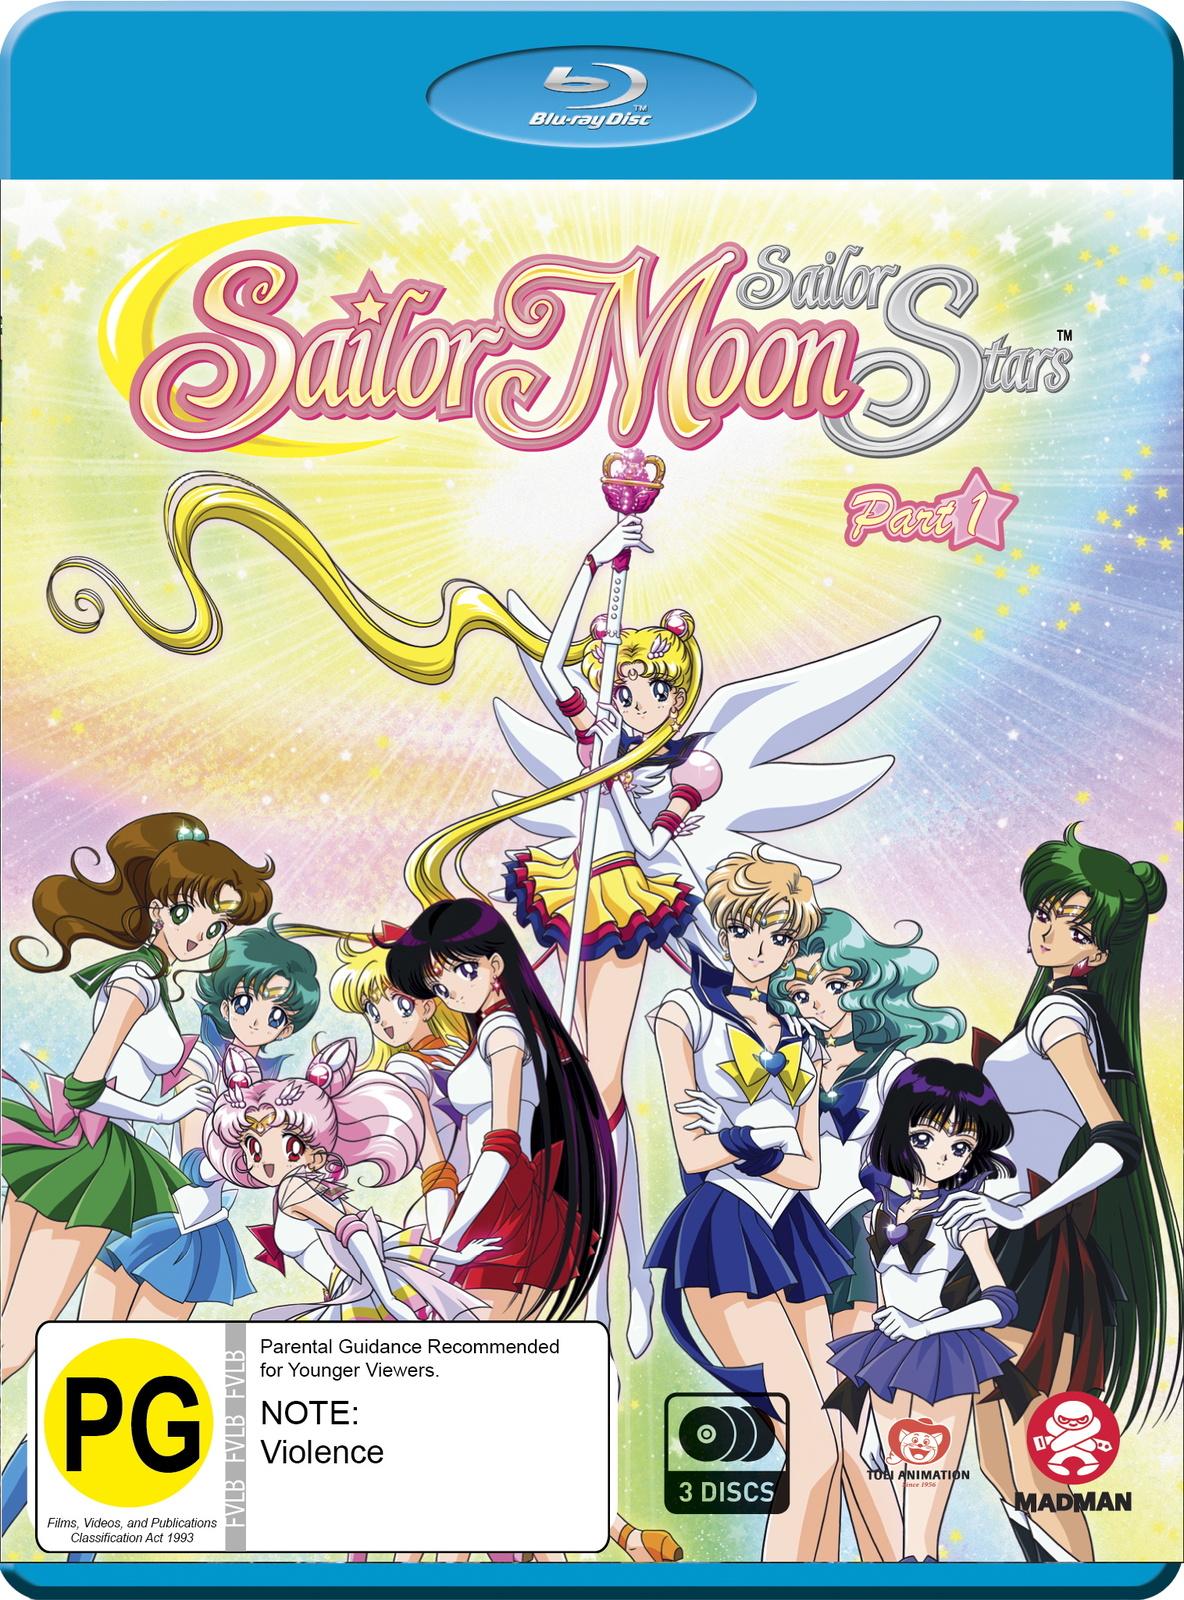 Sailor Moon: Sailor Stars - Season 5 /Part 1 - (Eps 167-183) on Blu-ray image